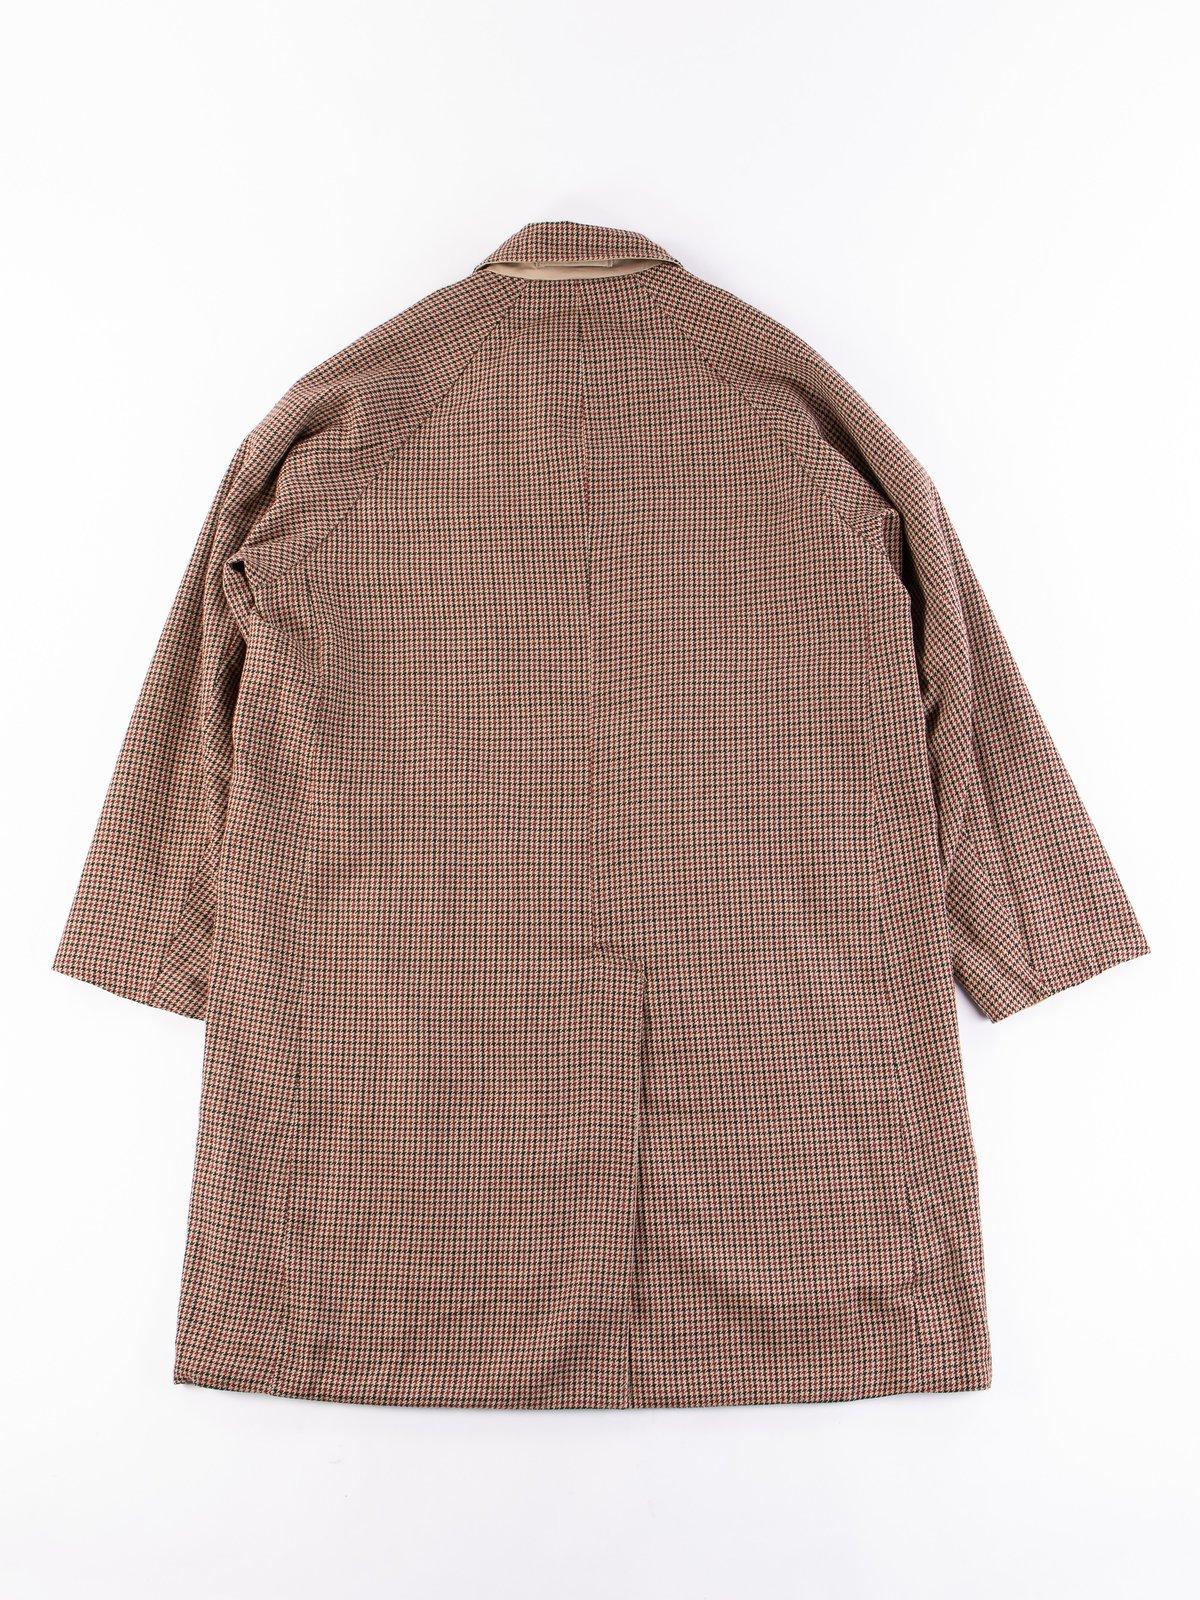 Light Khaki/Gunclub Reversible Balmacaan Coat - Image 10